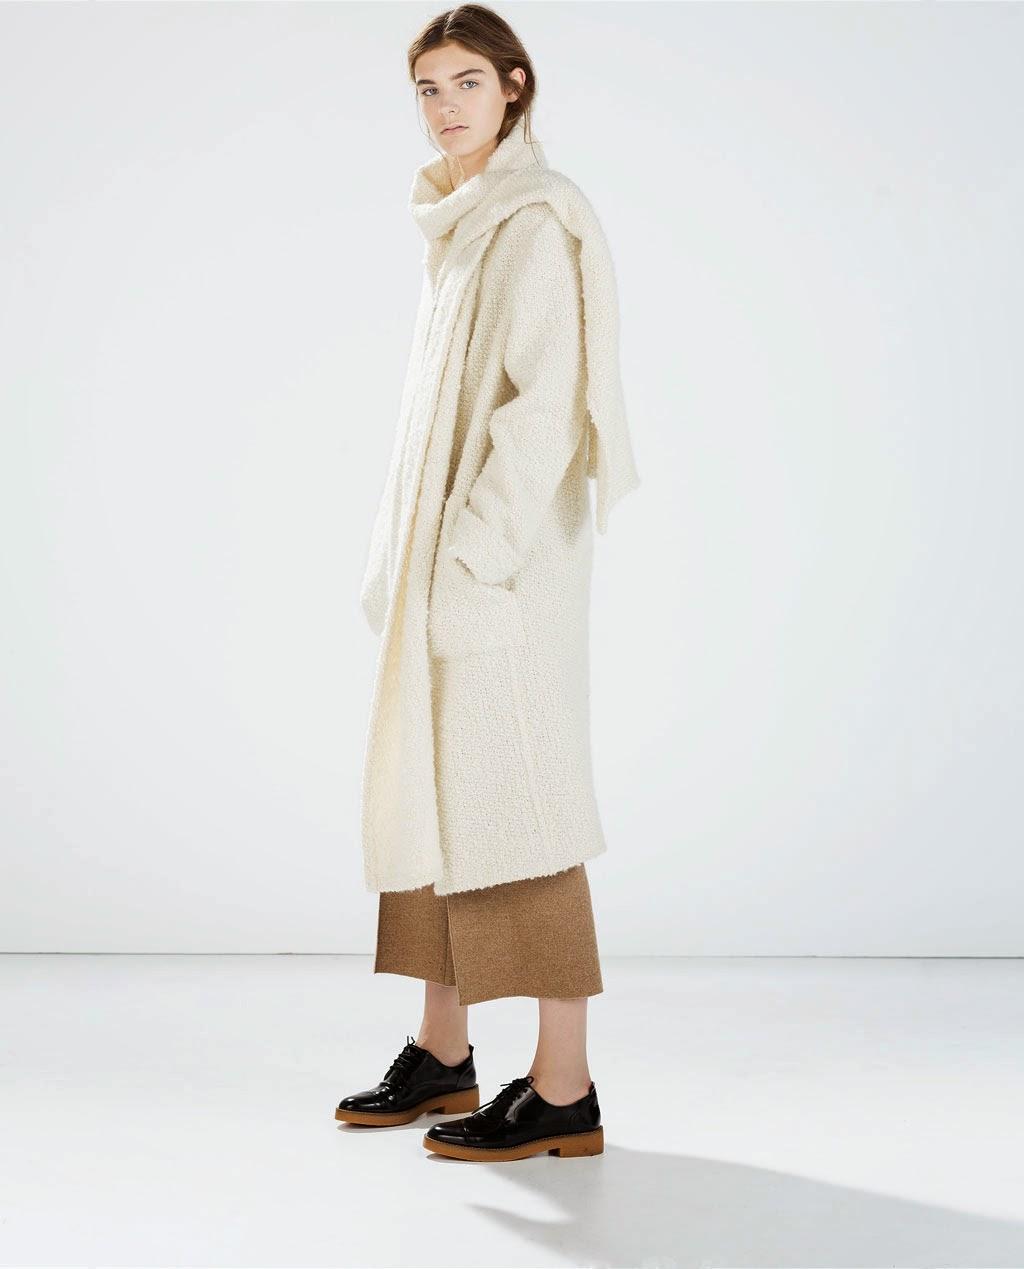 Long full length coat jacket trench | Follow Mode-sty for stylish modest clothing #nolayering tznius orthodox jewish muslim hijab mormon lds pentecostal islamic evangelical christian apostolic mission clothes jereusalem trip